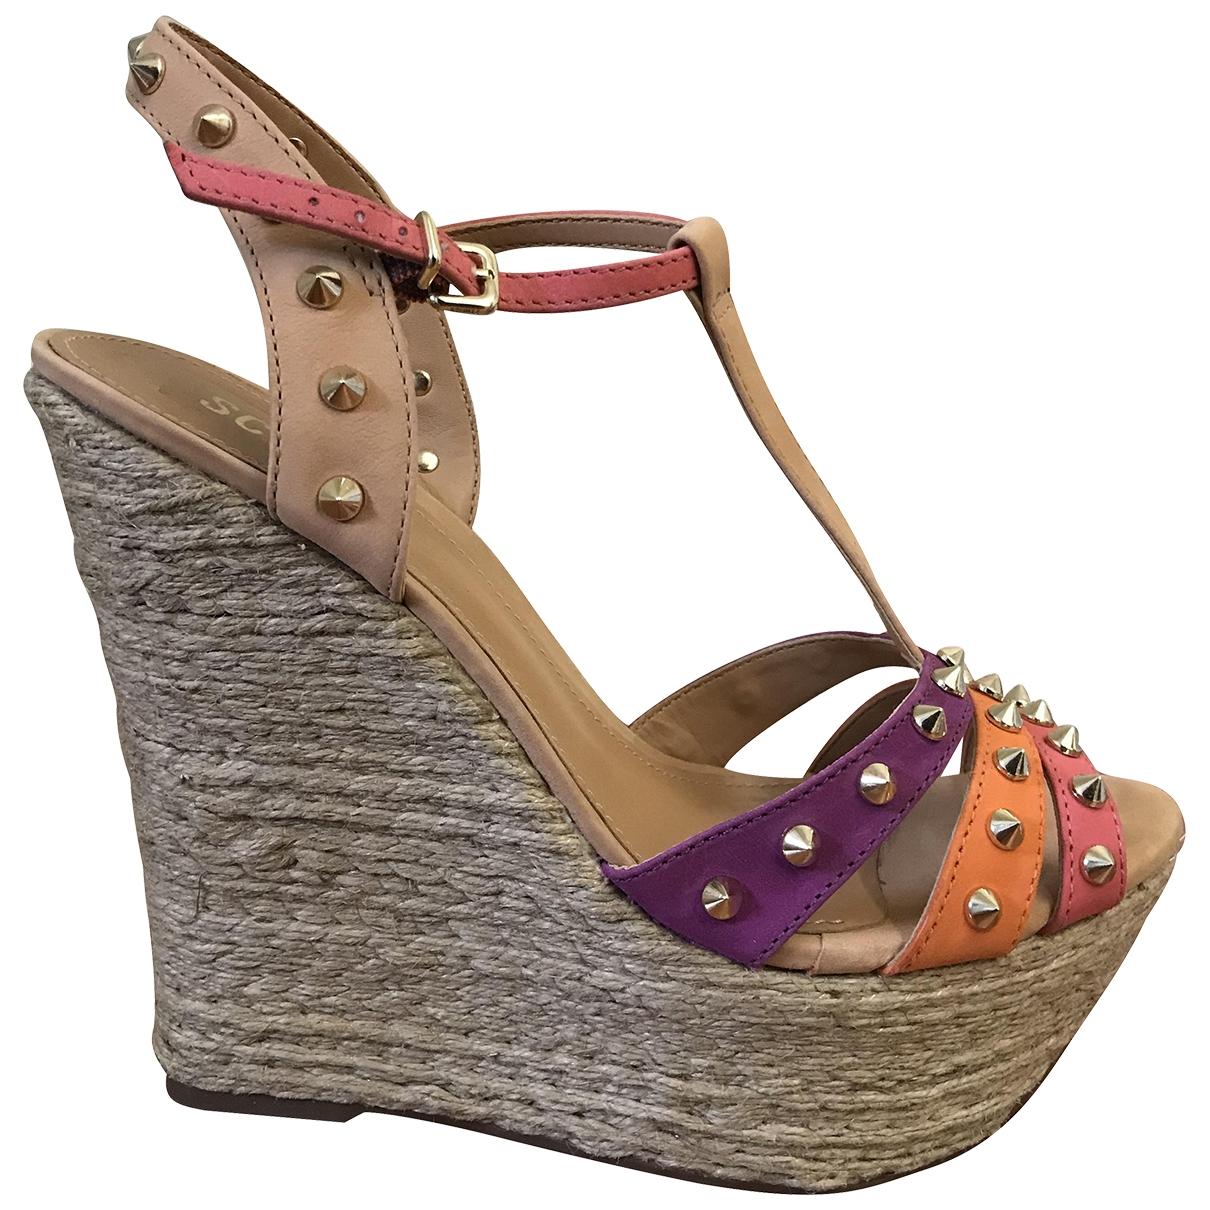 Schutz \N Sandalen in  Bunt Lackleder